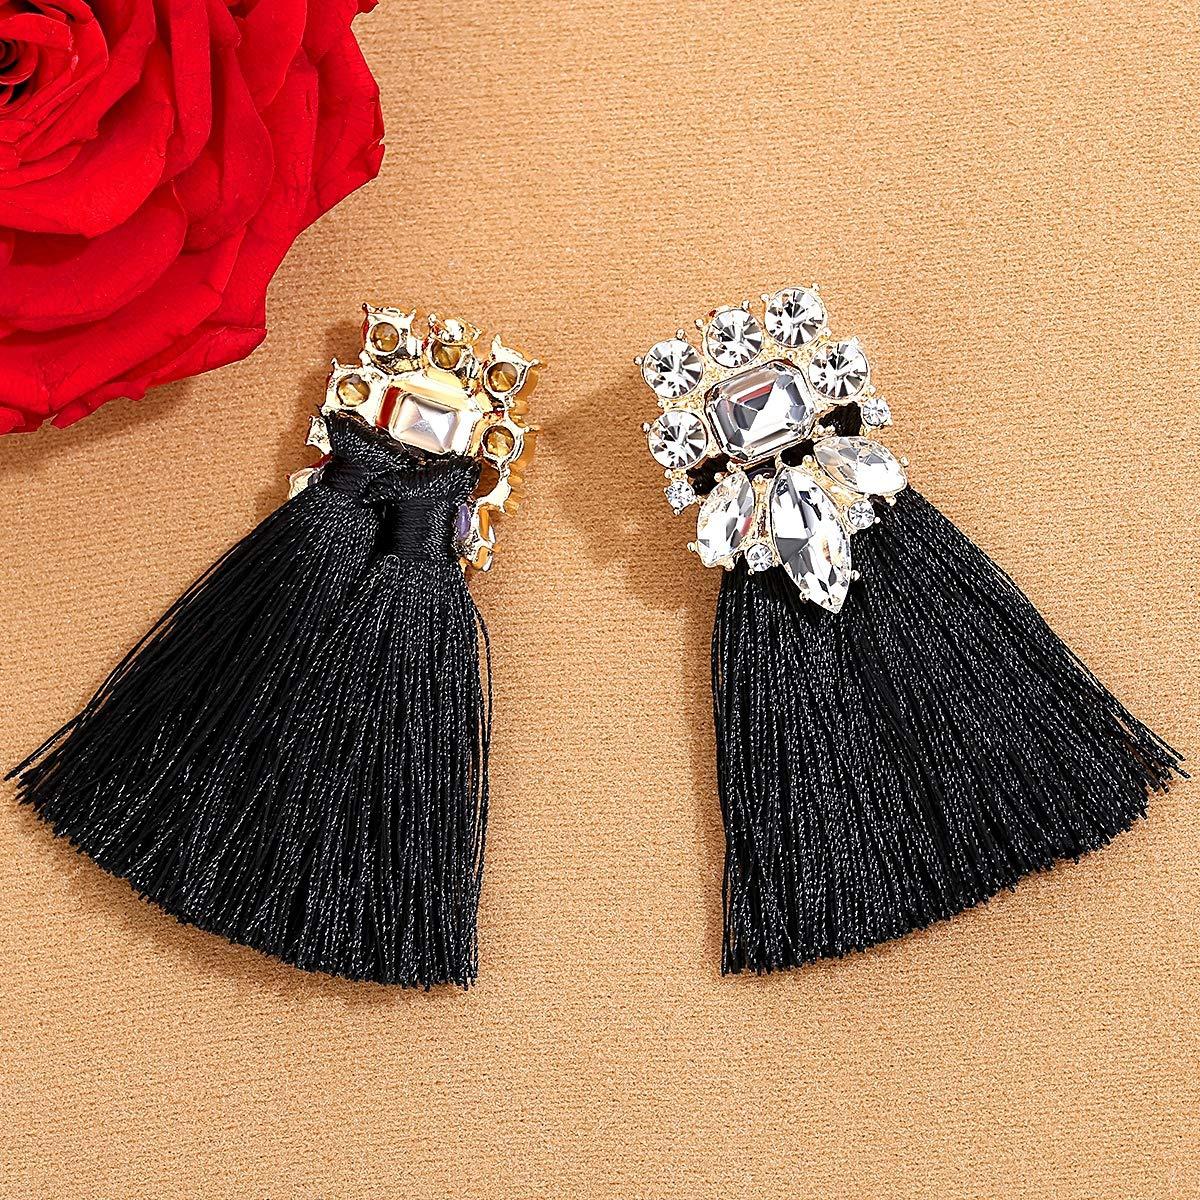 mecresh Tassel Fashion Christmas Hoop Bohemian Earrings for Women Girls